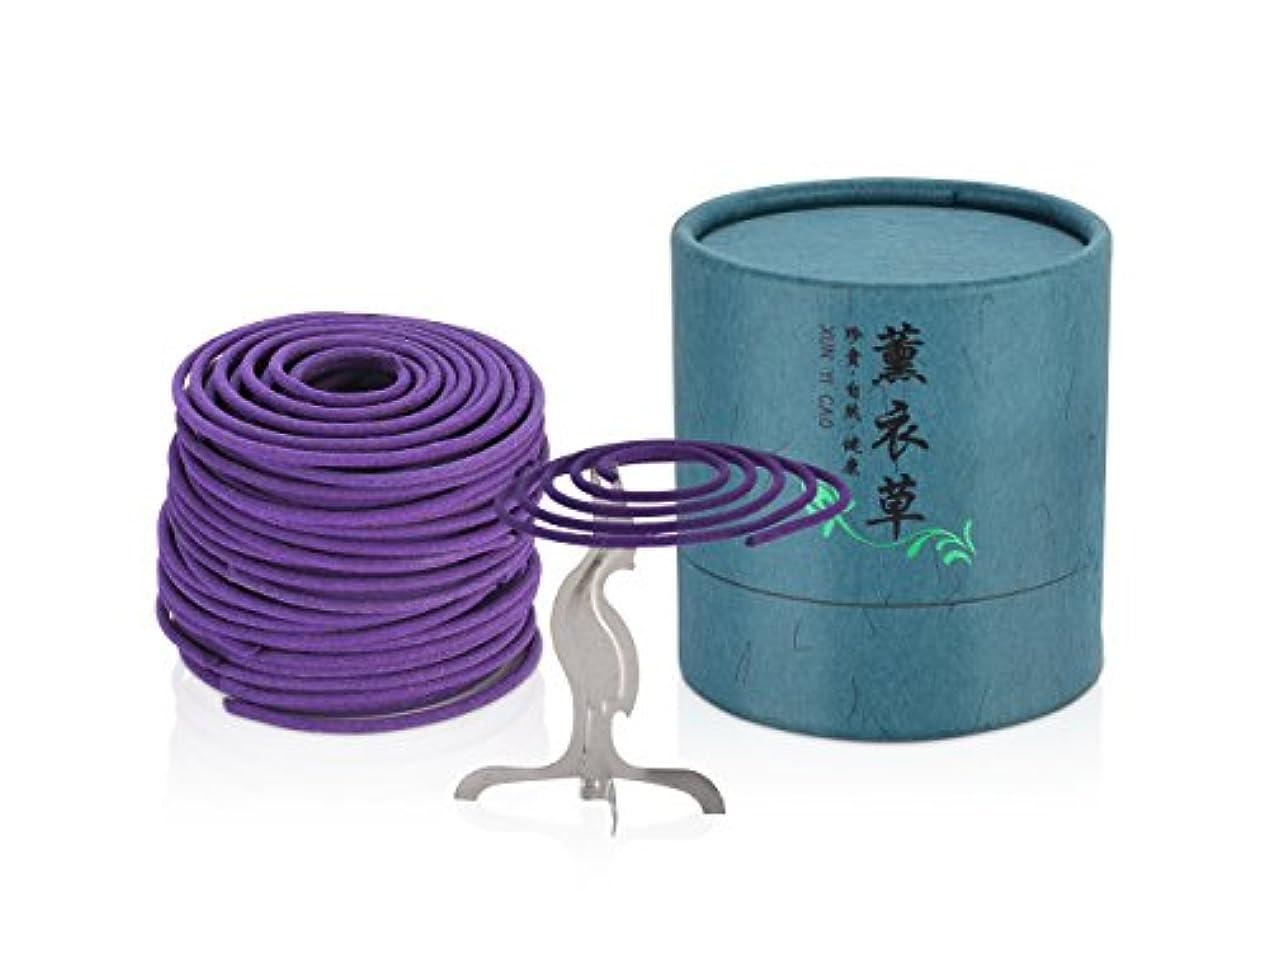 工夫するアジャアコー(Lavender) - Xujia Lavender Incense Coils,Zen Buddhist Coils Incense for Burner